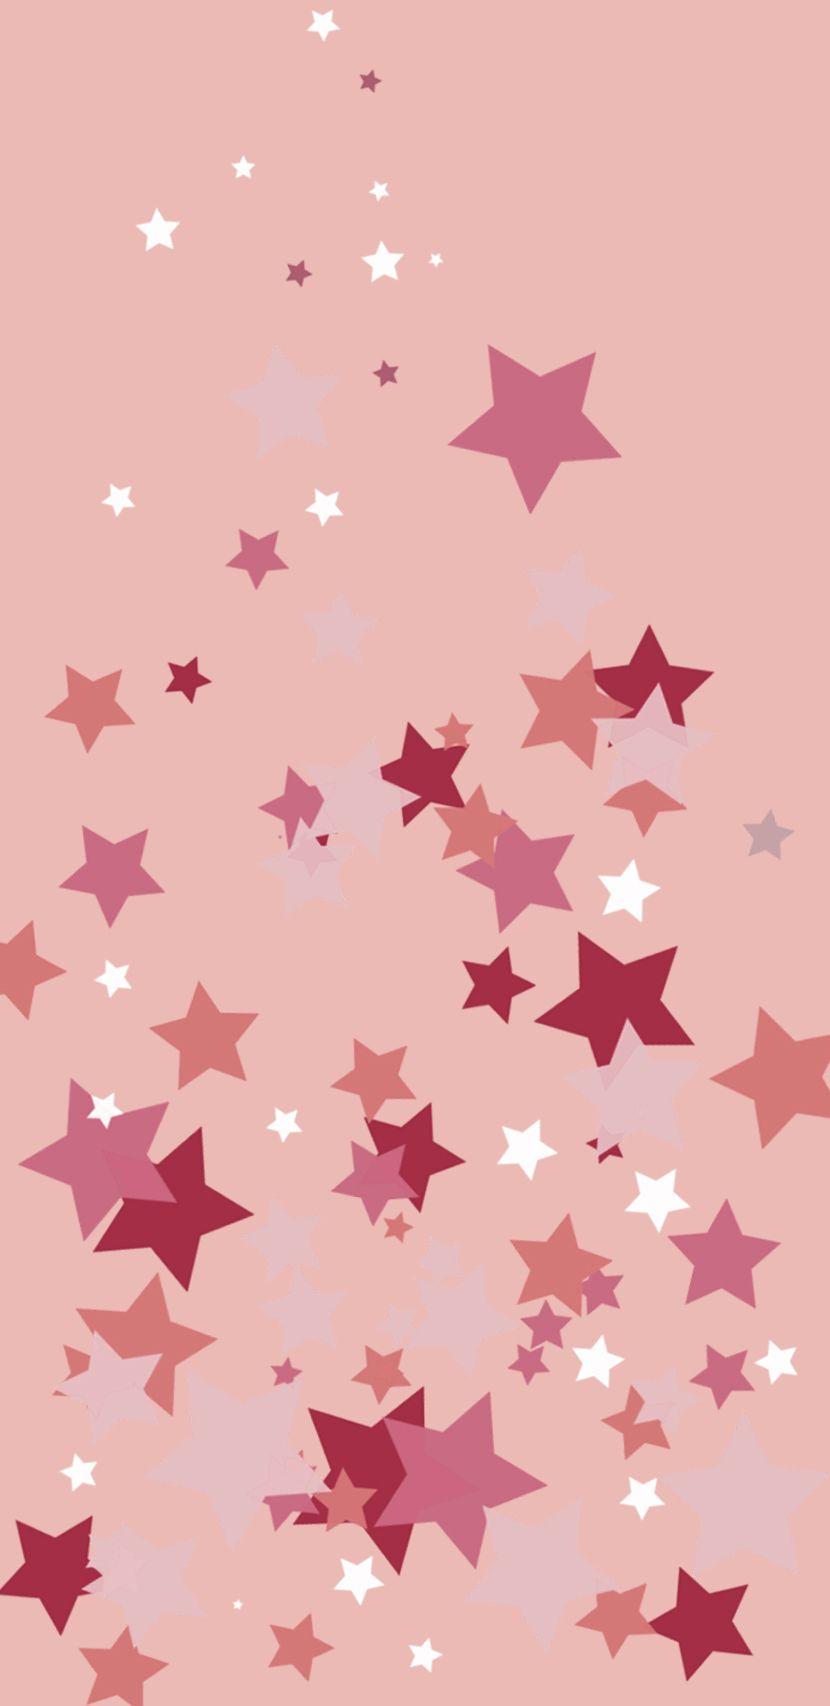 A Wallpaper Full Of Stars Flower Phone Wallpaper Blue Wallpaper Iphone Cute Wallpaper Backgrounds